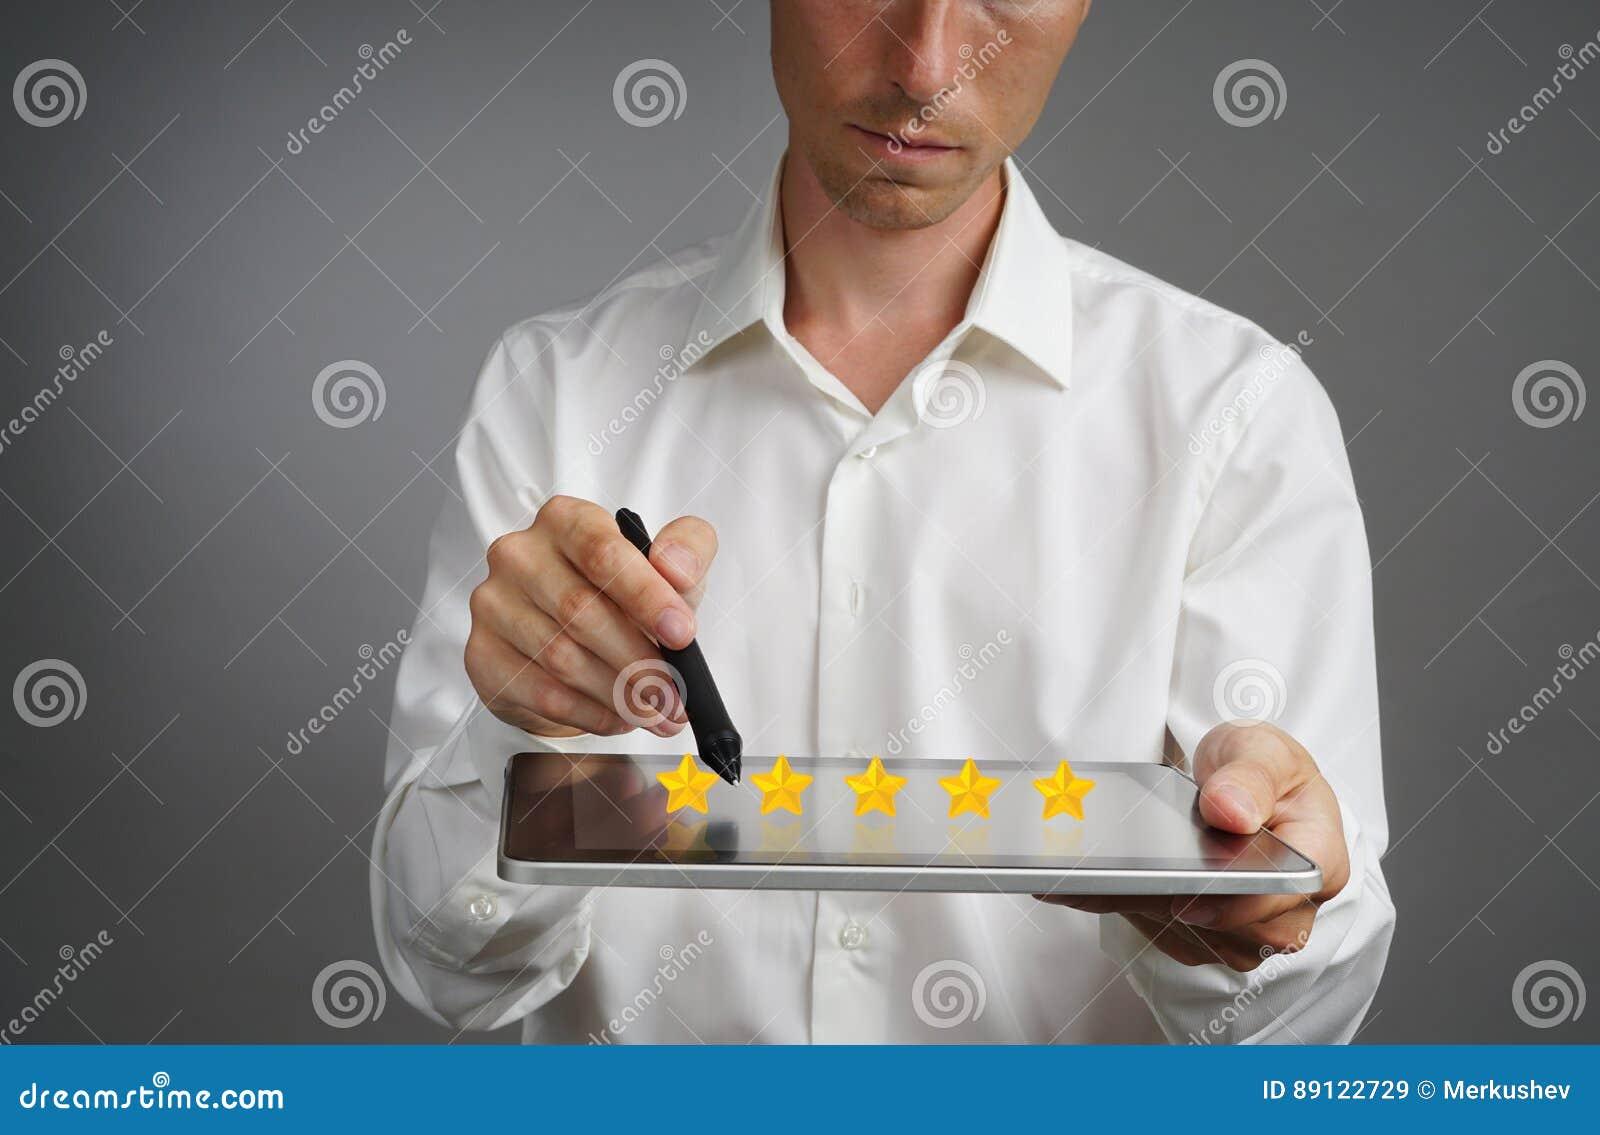 Pięć gwiazdowa ocena lub ranking porównywać z normą pojęcie, Mężczyzna z pastylka pecetem ocenia usługa, hotel, restauracja